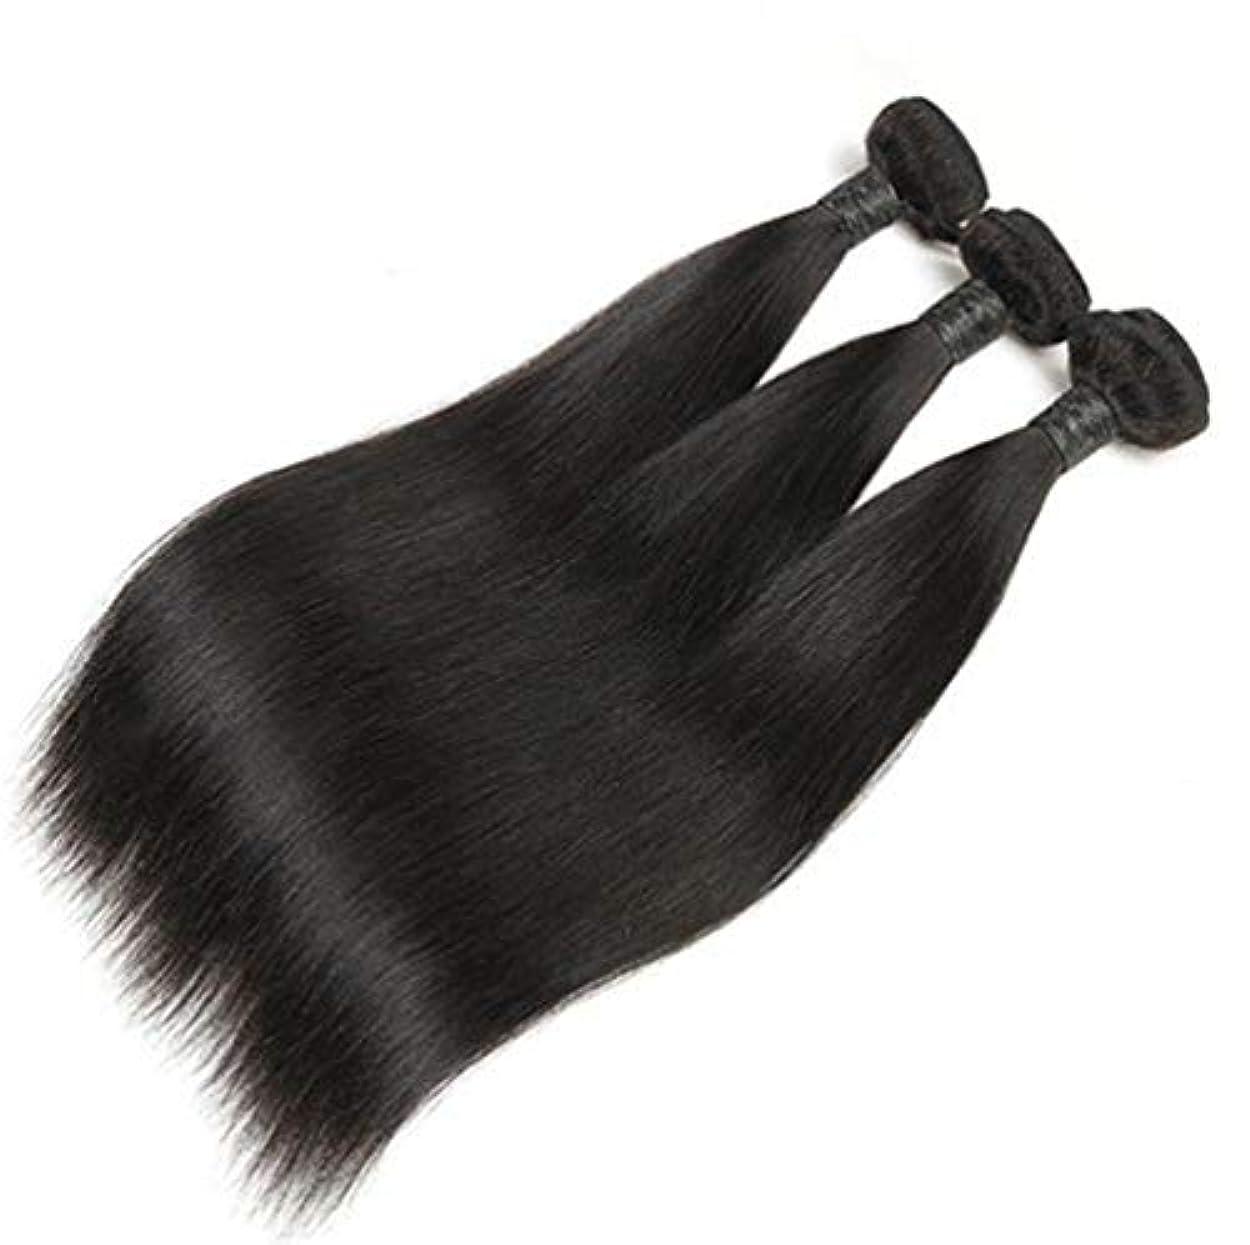 愛国的な説得秘密の女性ブラジルのストレート人間の髪シルキーストレートバージン人間の髪織りエクステンション自然300 g(3バンドル)